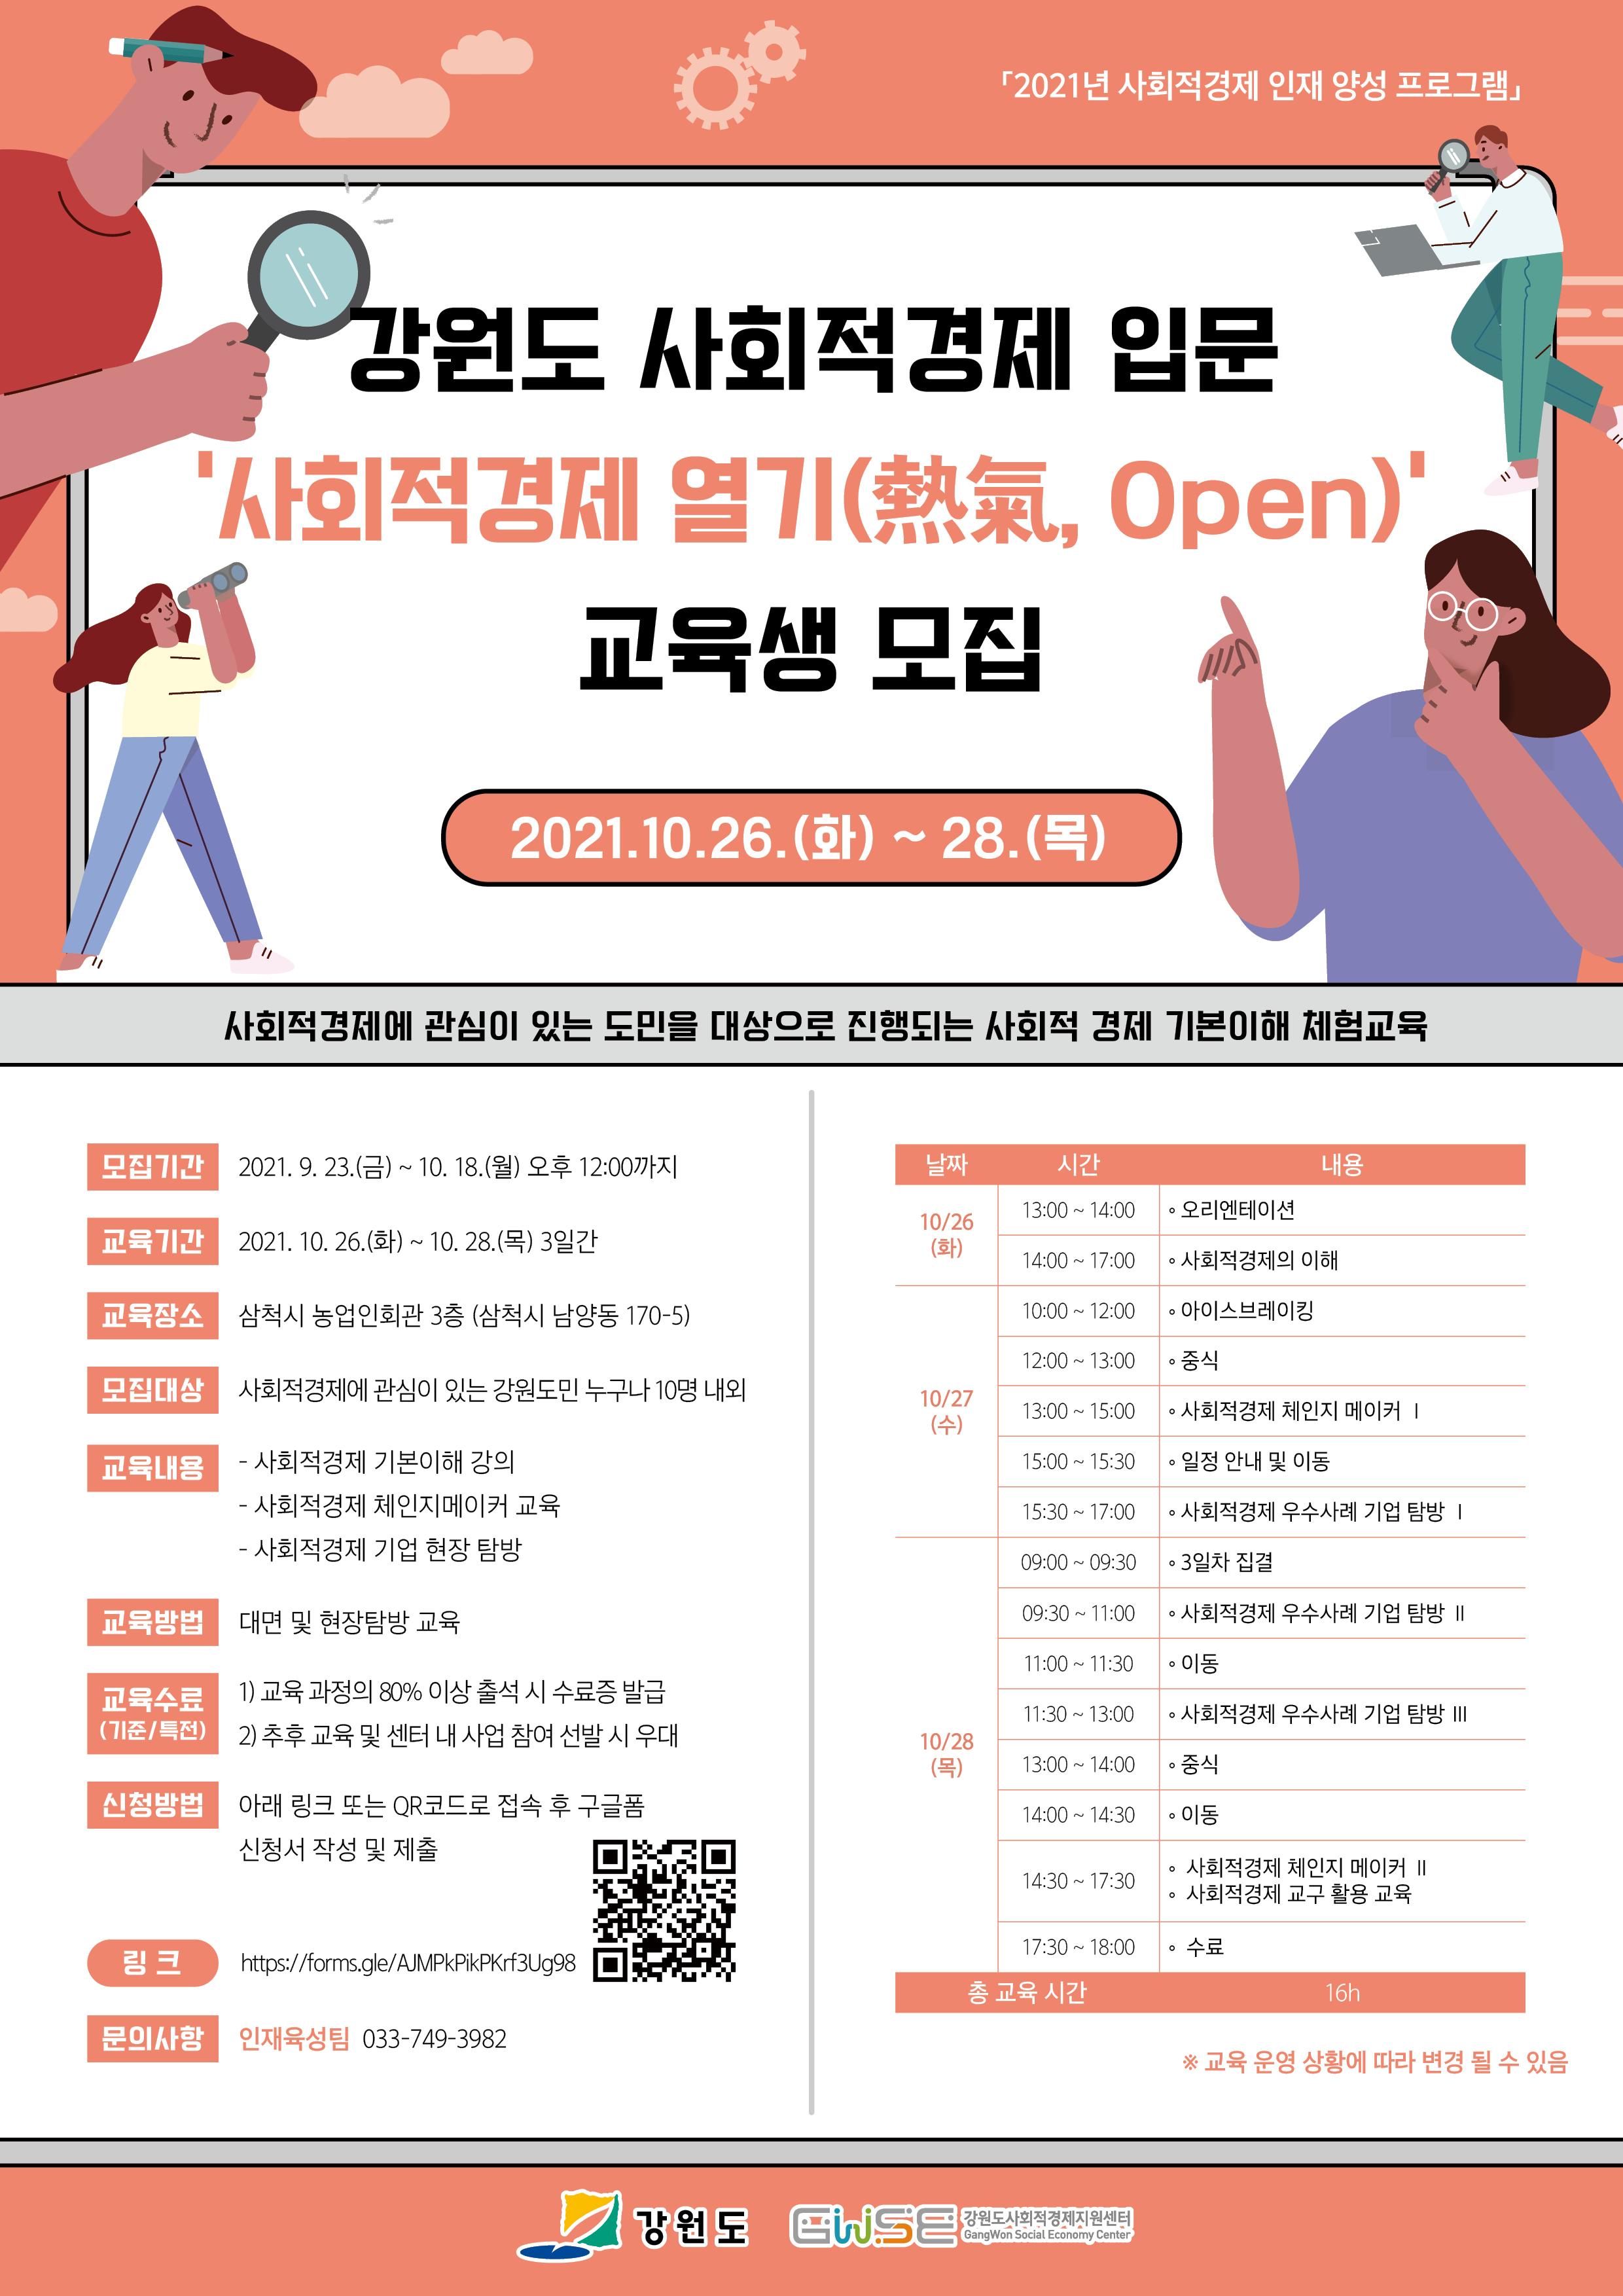 [안내] 강원도사회적경제지원센터 | 하반기 '사회적경제 열기(熱氣, Open)' 교육생 모집 공고